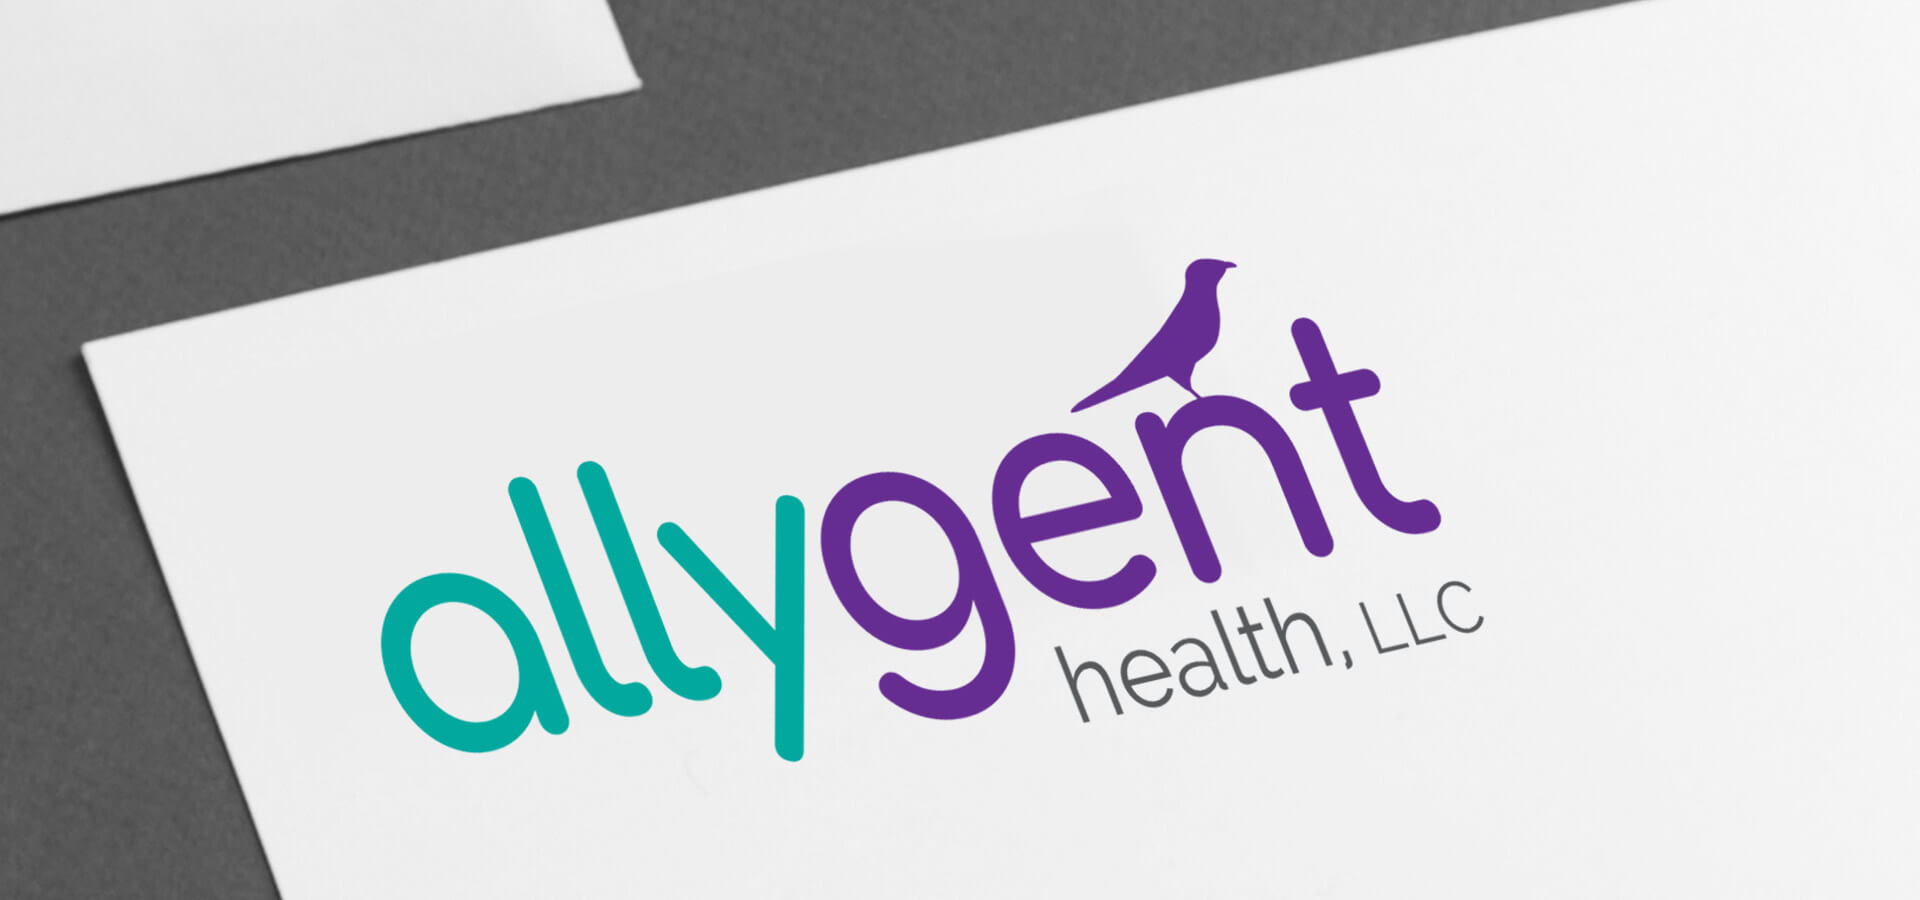 Allygent Health, LLC Logo